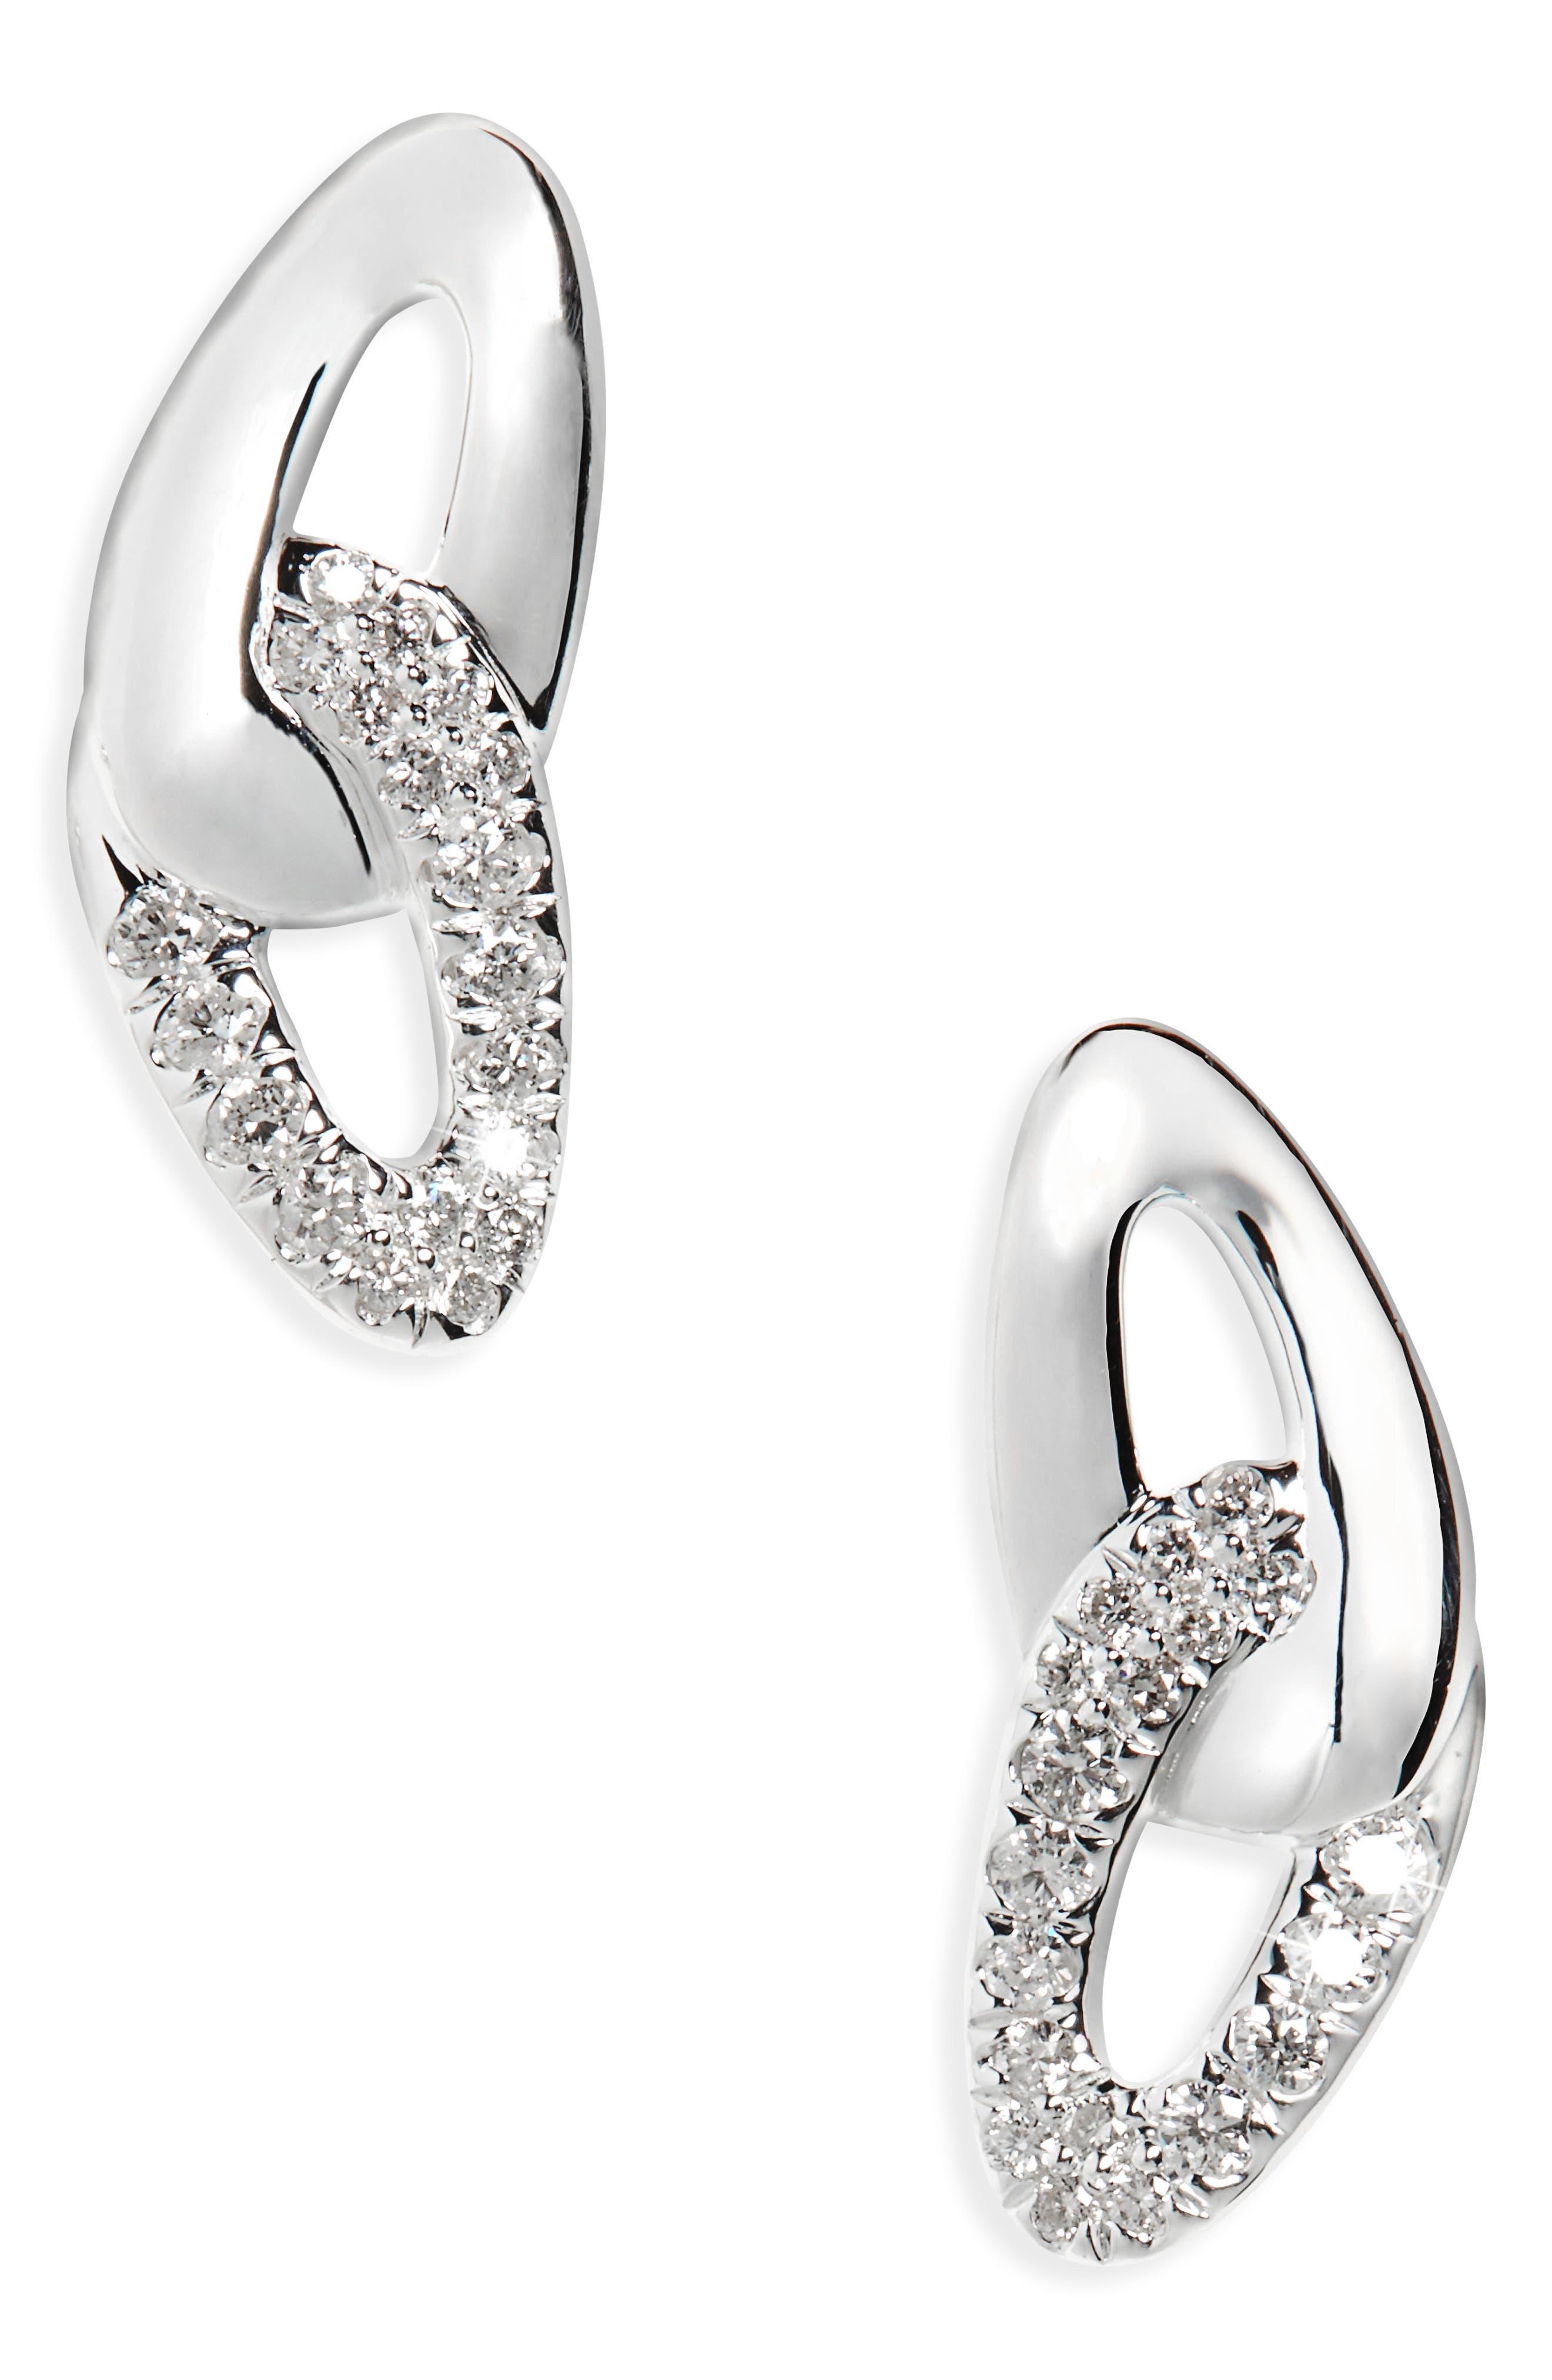 Ippolita Cherish Link Diamond Stud Earrings